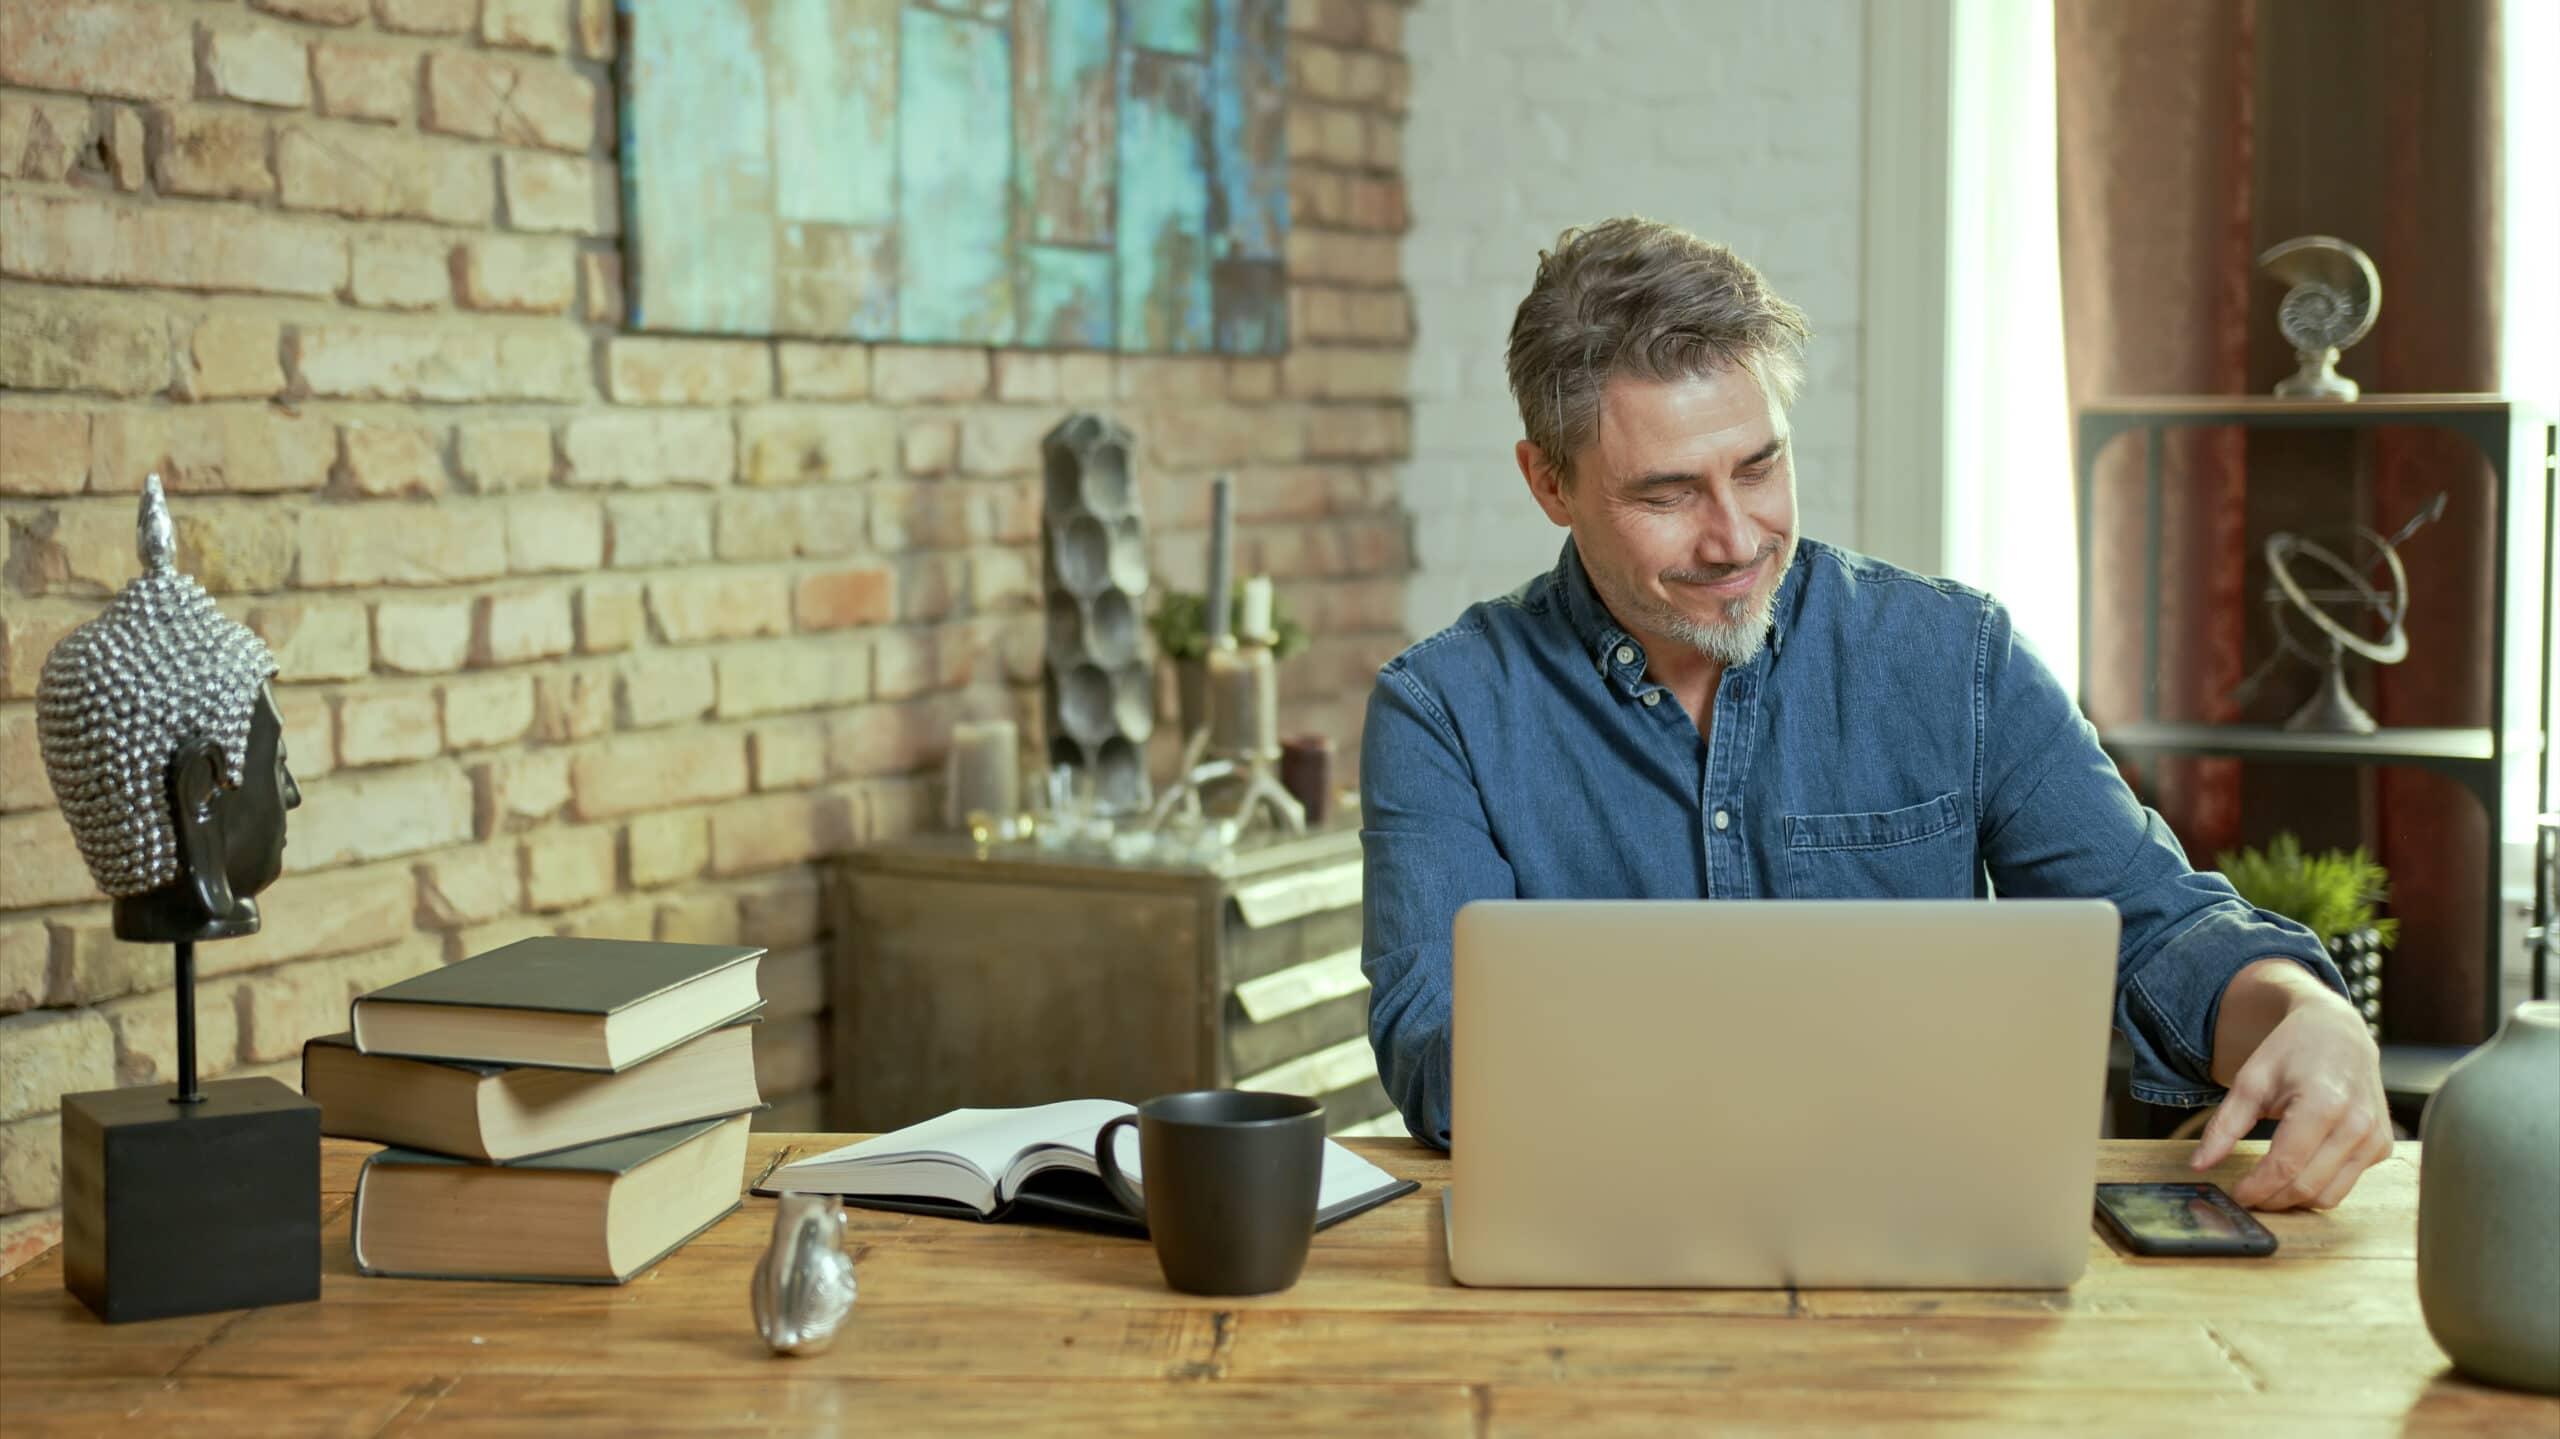 Laskutus ulkomaille. Mies työskentelee tietokoneen ääressä.